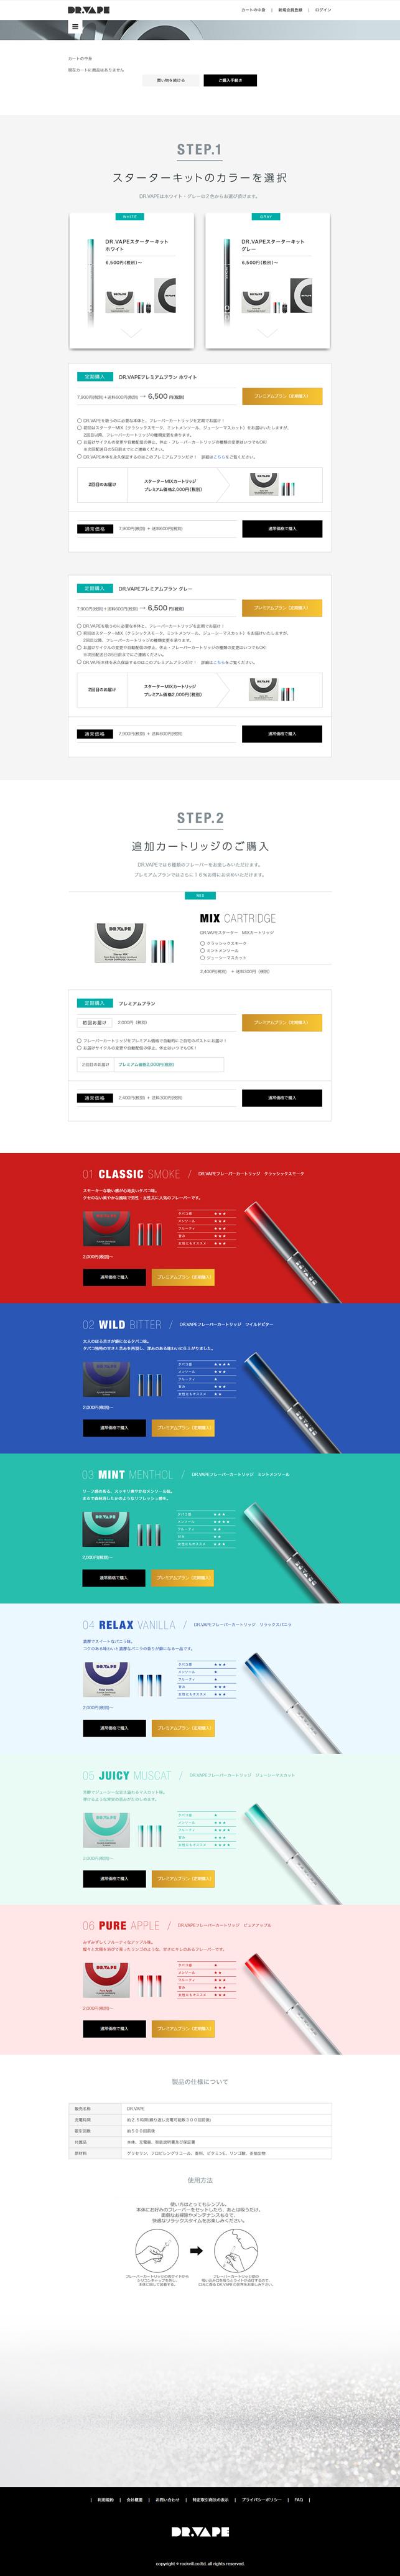 電子タバコ・精密機械・家電製品ウェブサイトデザイン制作実績